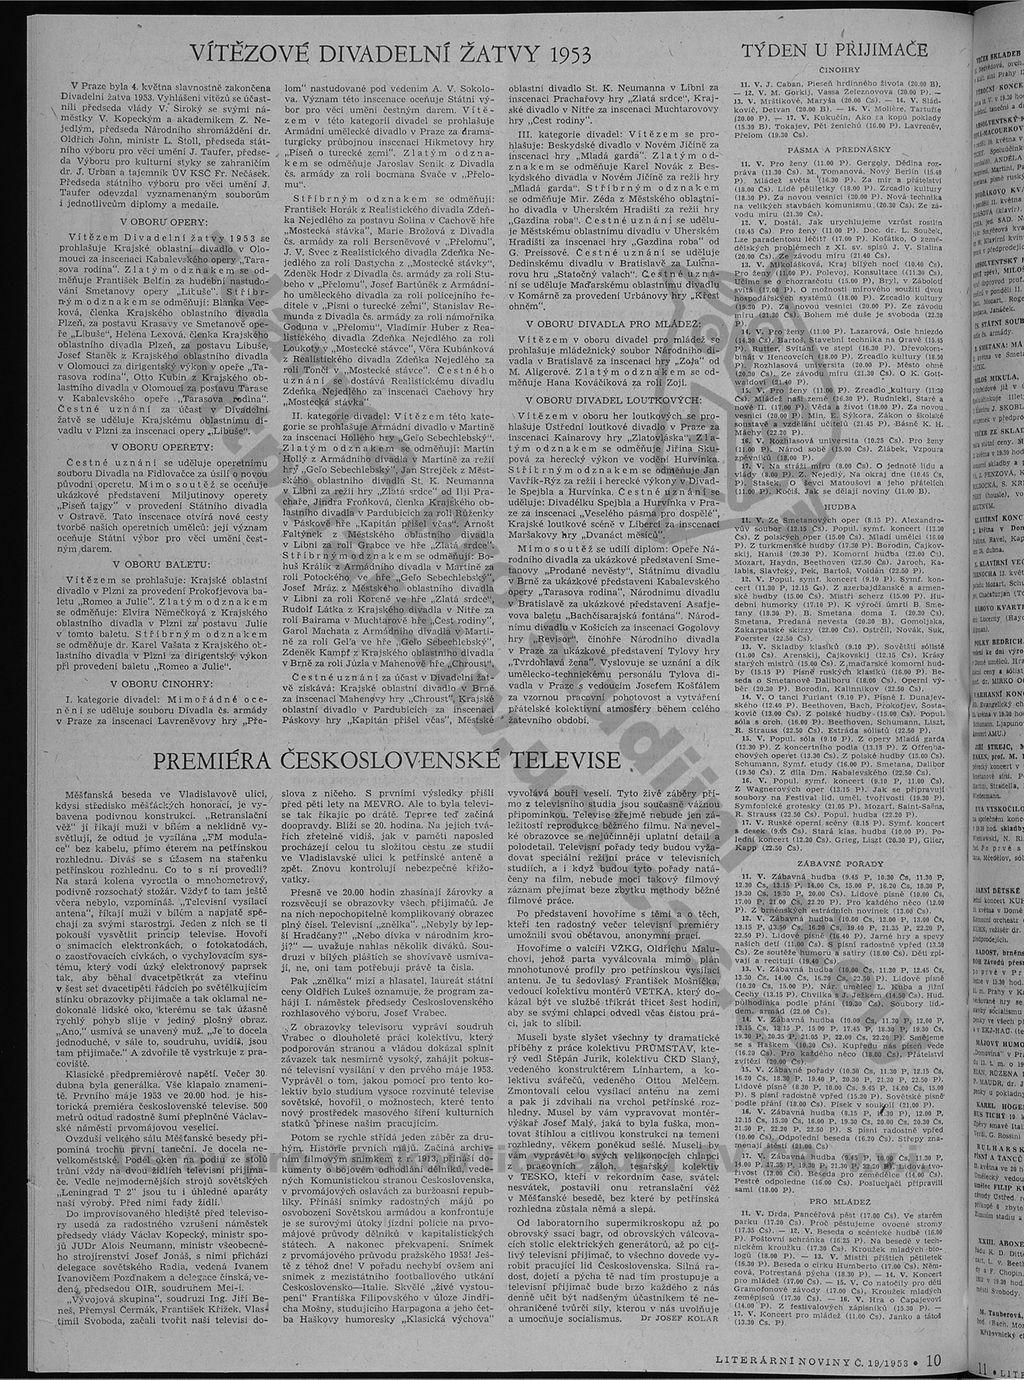 strana 10 Literární noviny 9.5.1953